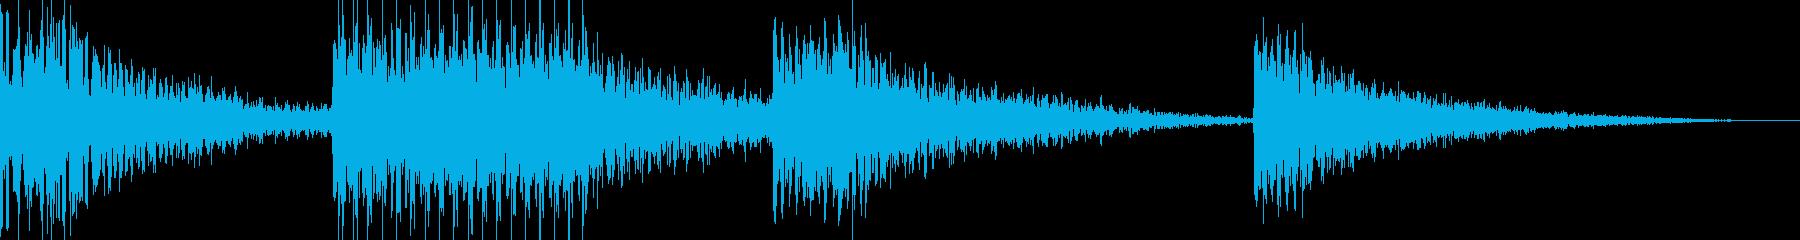 ヘビーマシンブレークダウンロングの再生済みの波形